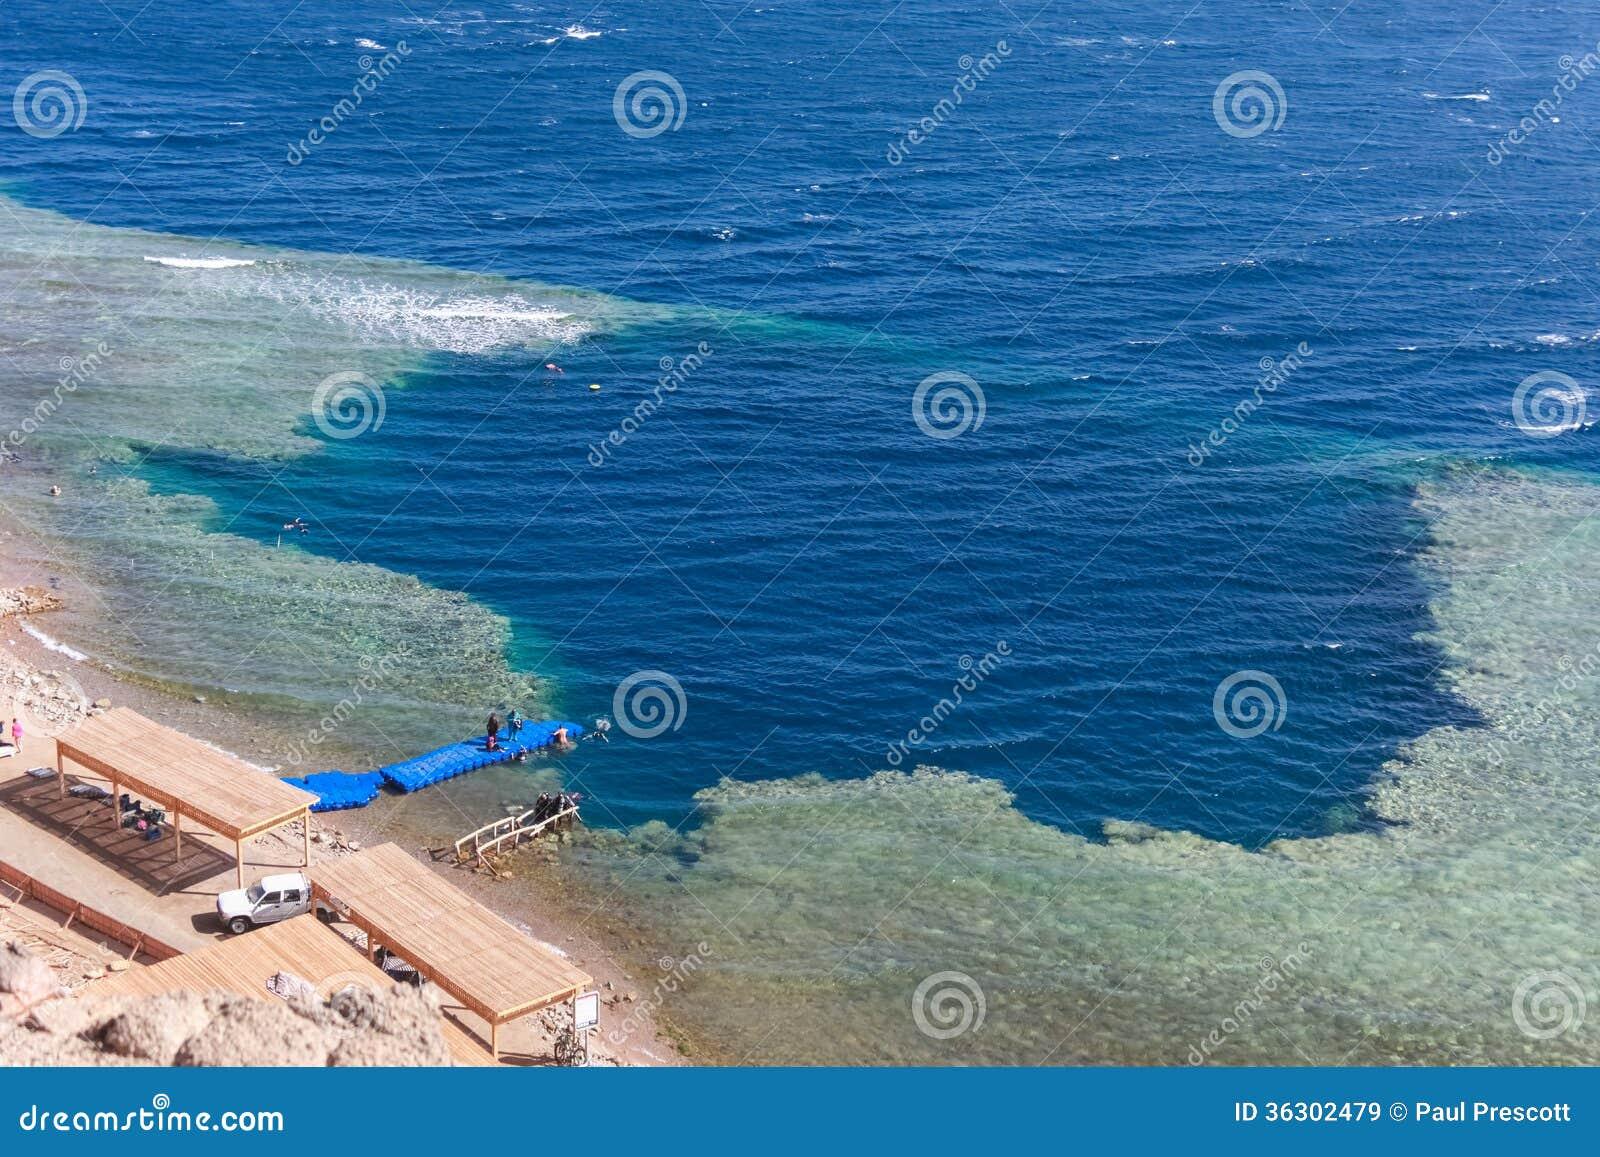 Trou bleu, Dahab, Egypte